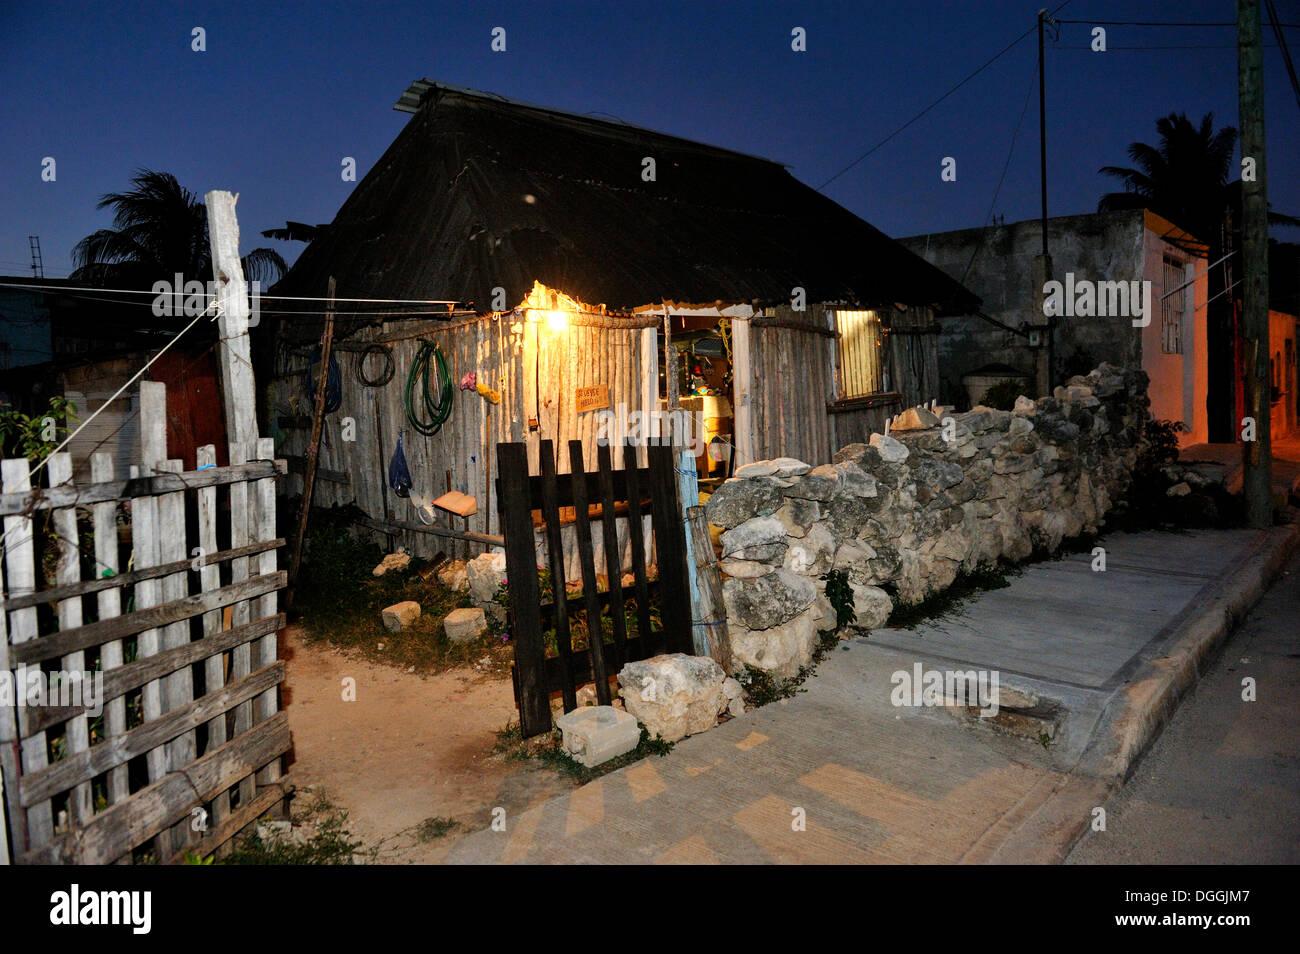 Humilde casa rural a las afueras de Cancún, propiedad de personas que trabajan en la industria del turismo, Cancún, Península de Yucatán Imagen De Stock